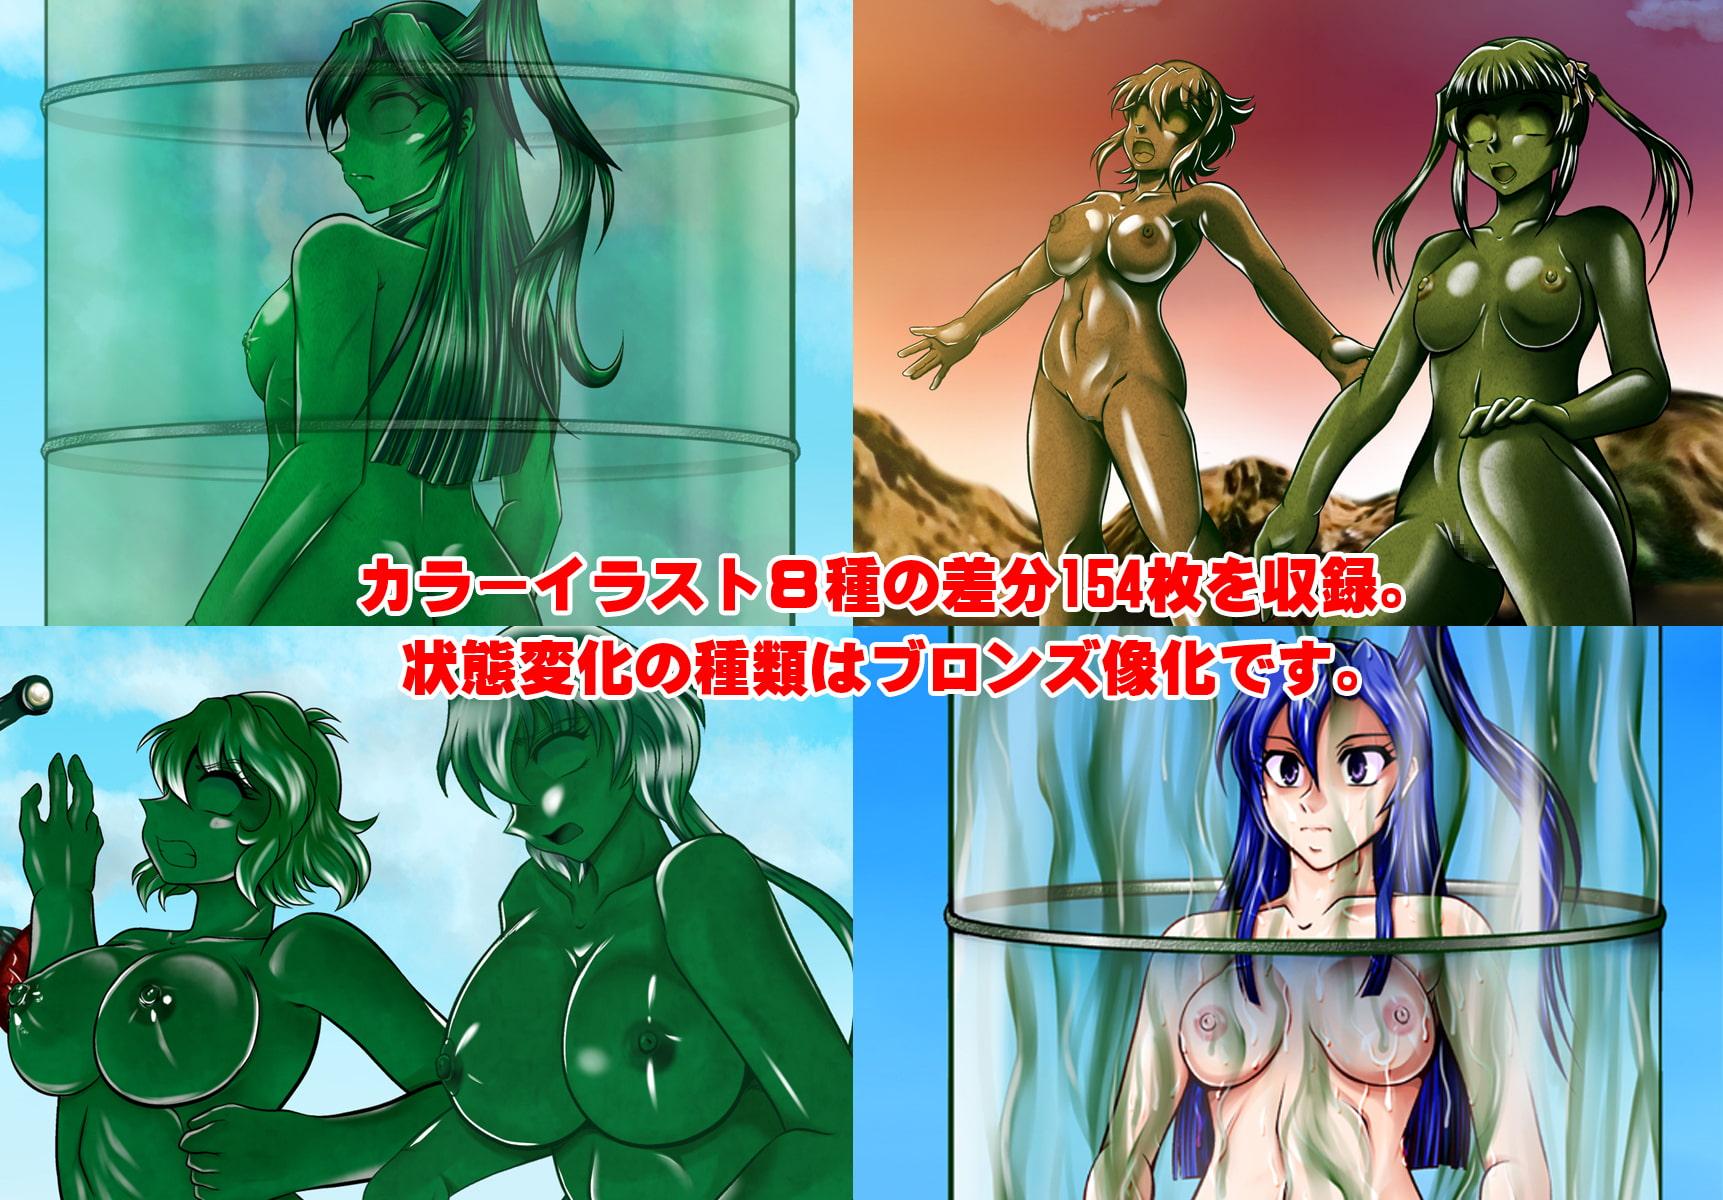 戦姫全滅 EP3:暁○歌・月○調